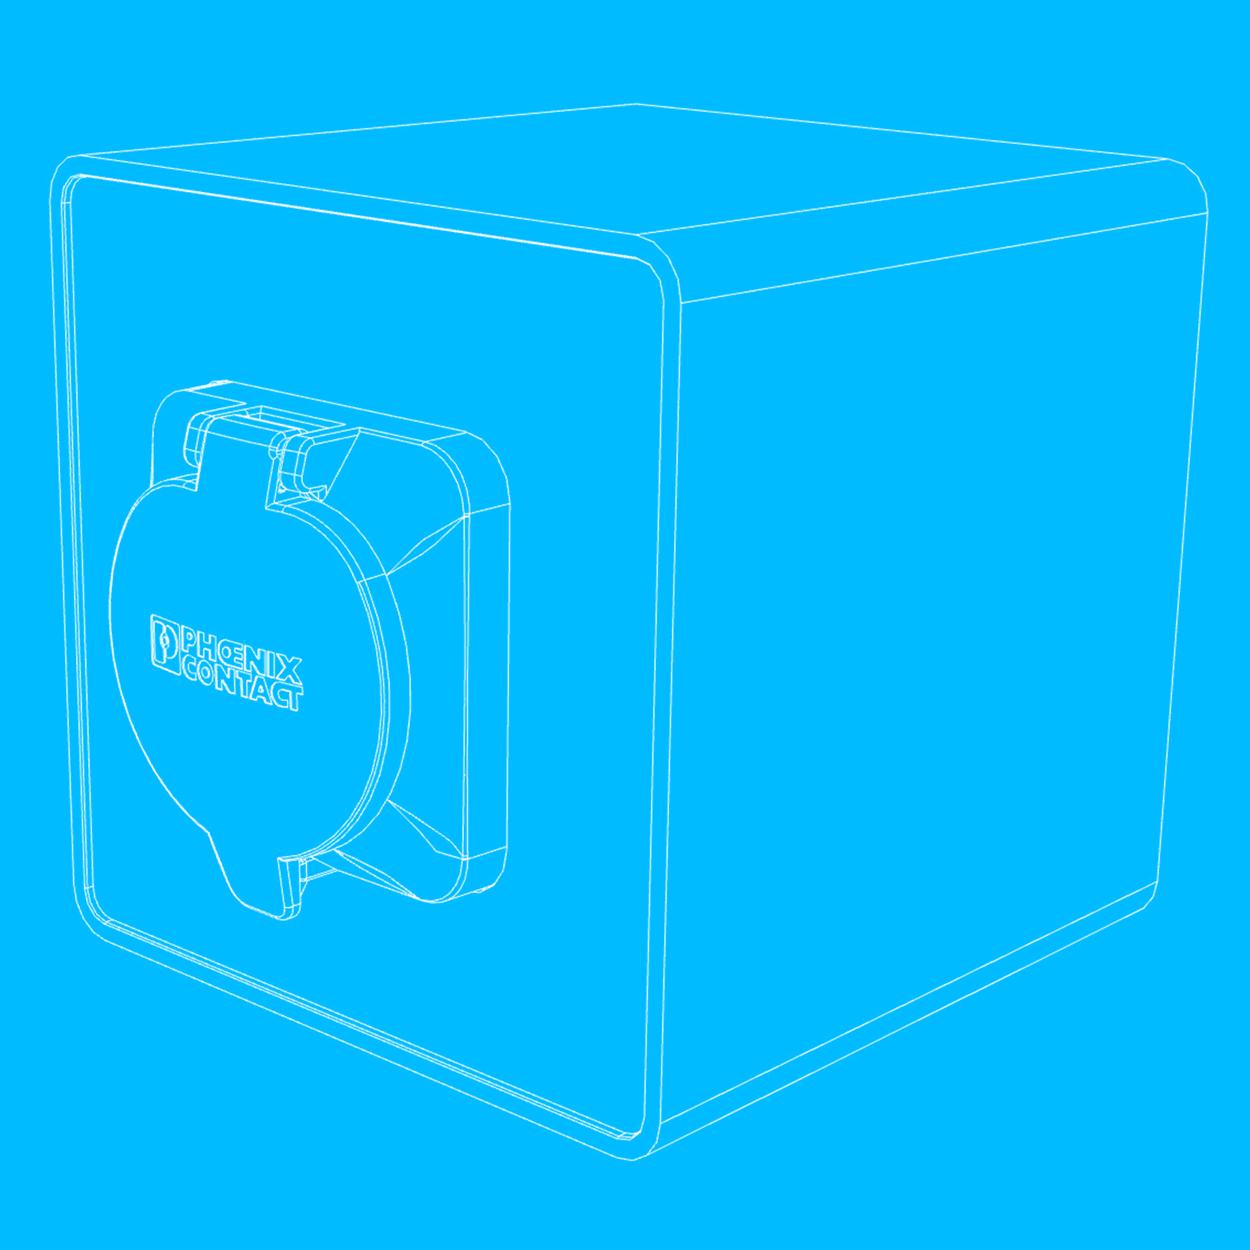 Enomics Boxen, Technische Zeichnung, Vorderseite